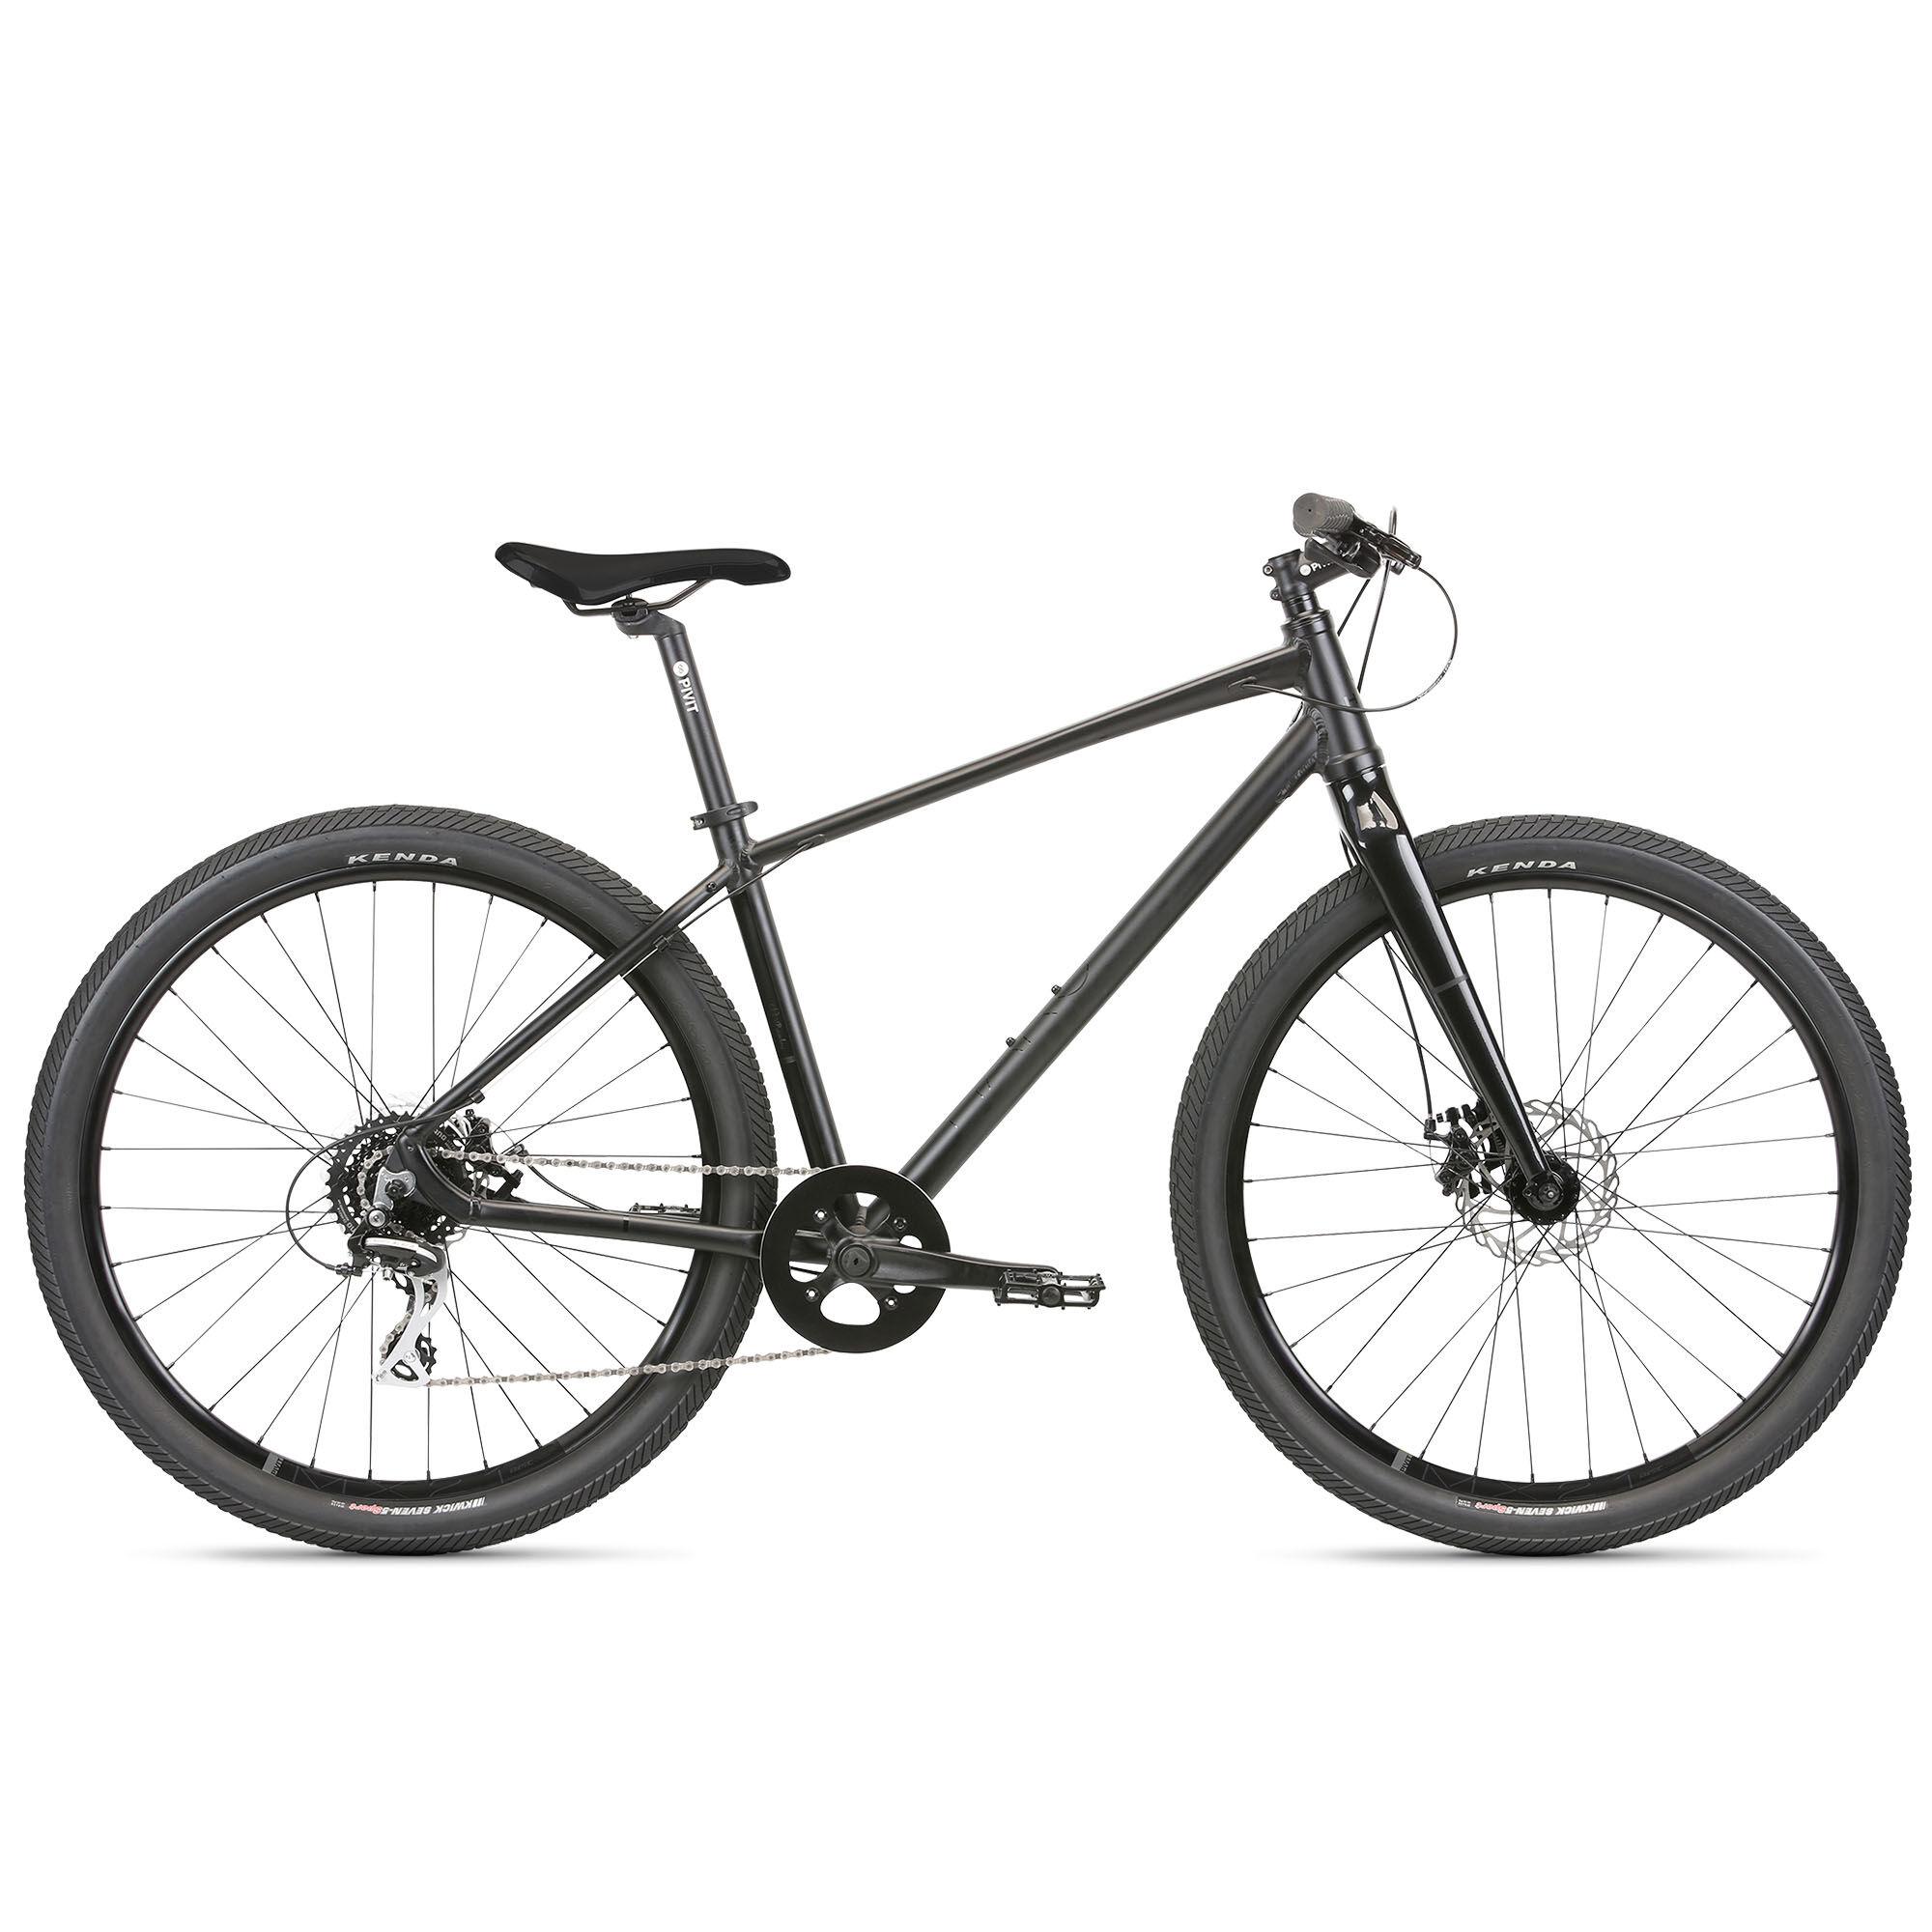 Haro Beasley 27.5 Urban Bike '21  - Matte Black - Size: Large